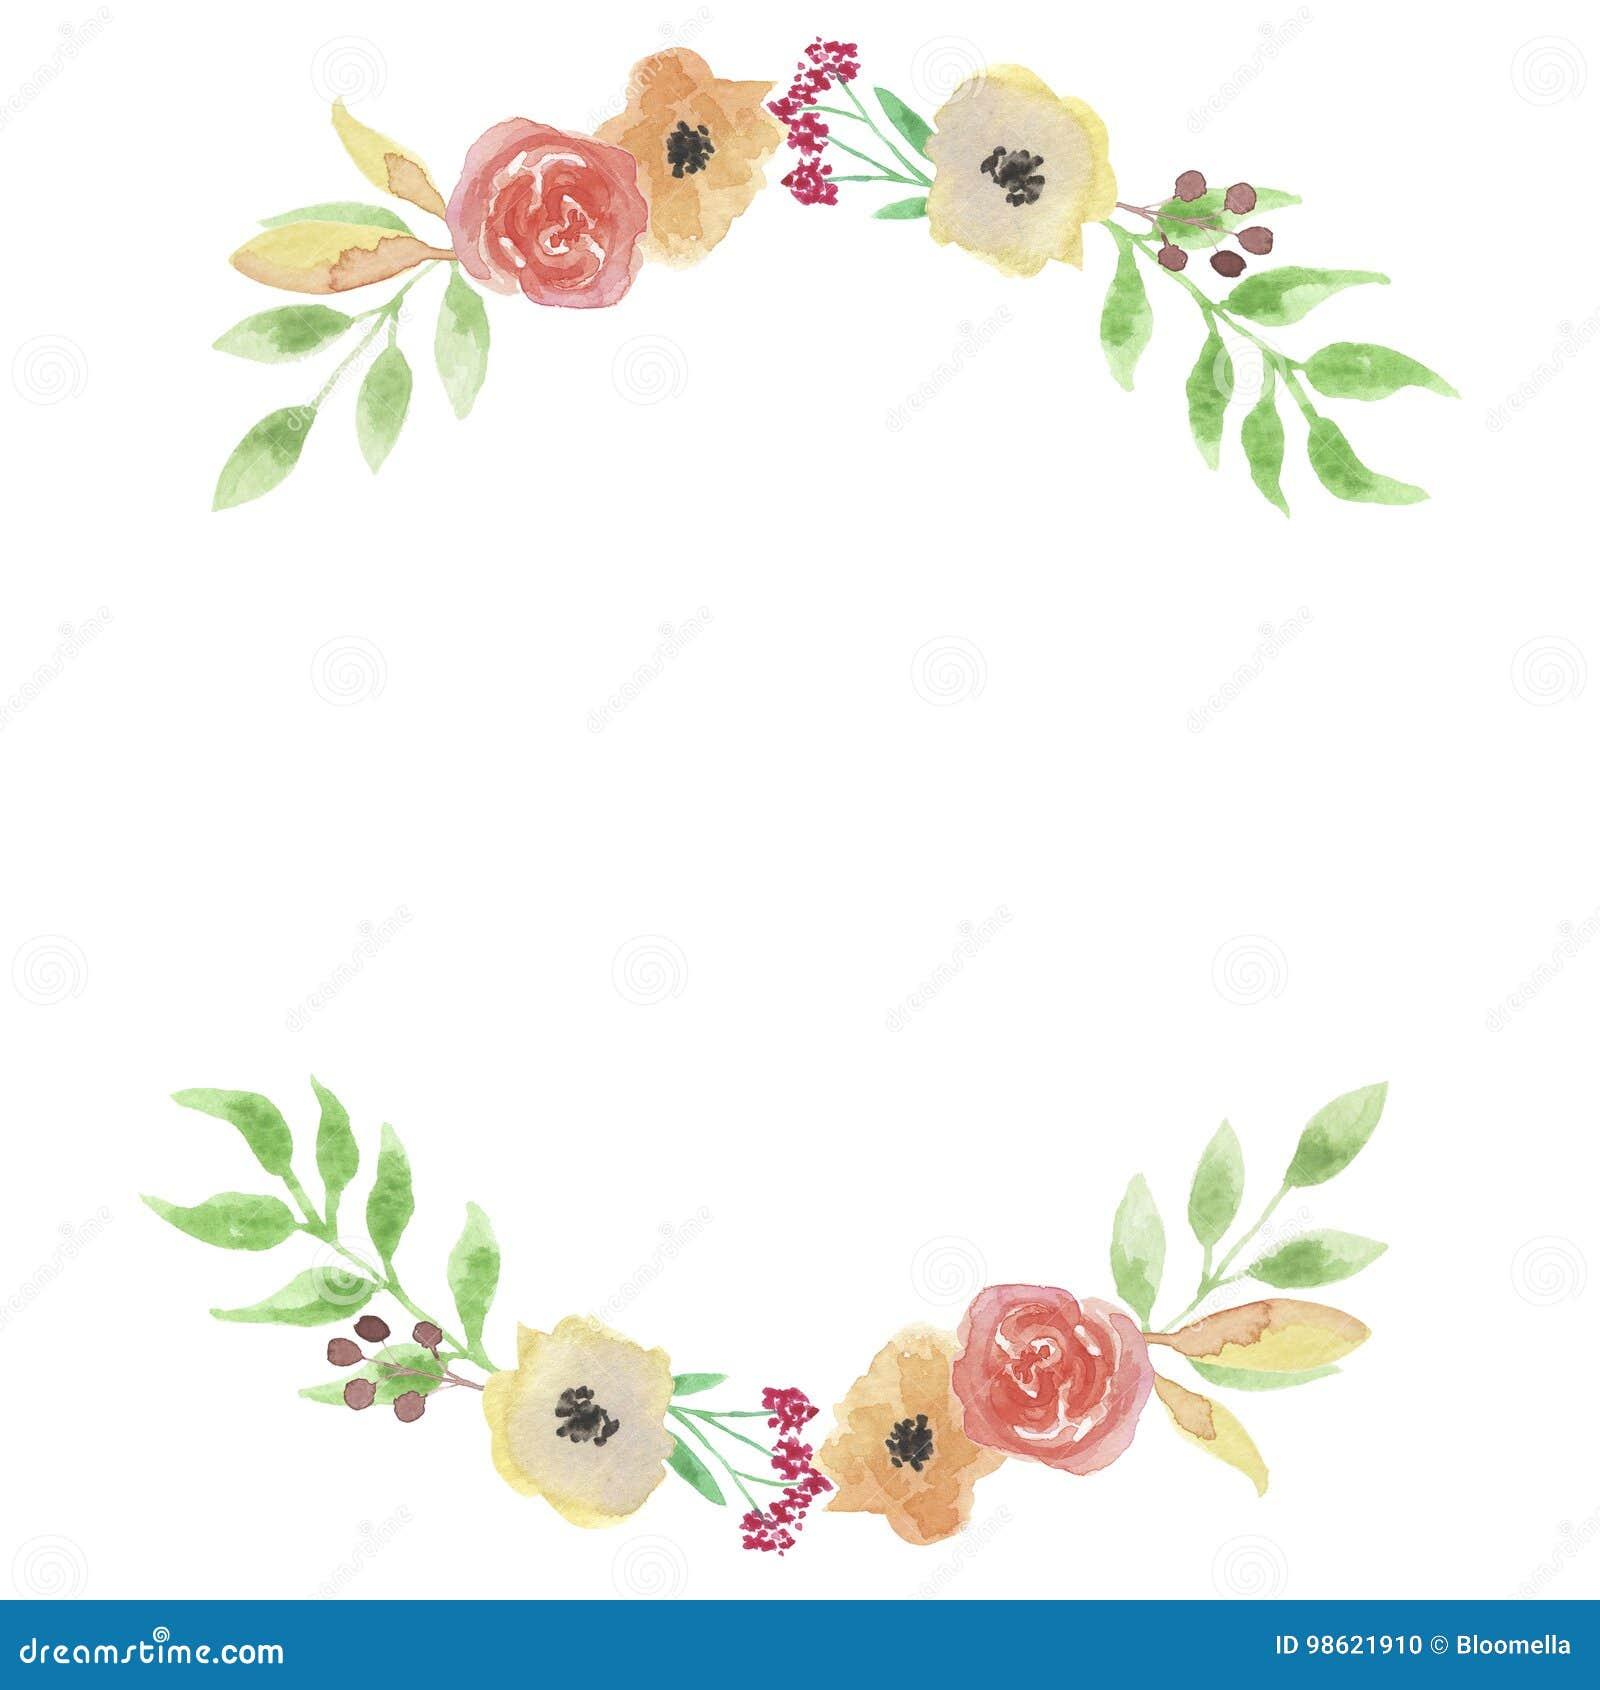 watercolor garland summer spring peach arch leaf wreath wedding